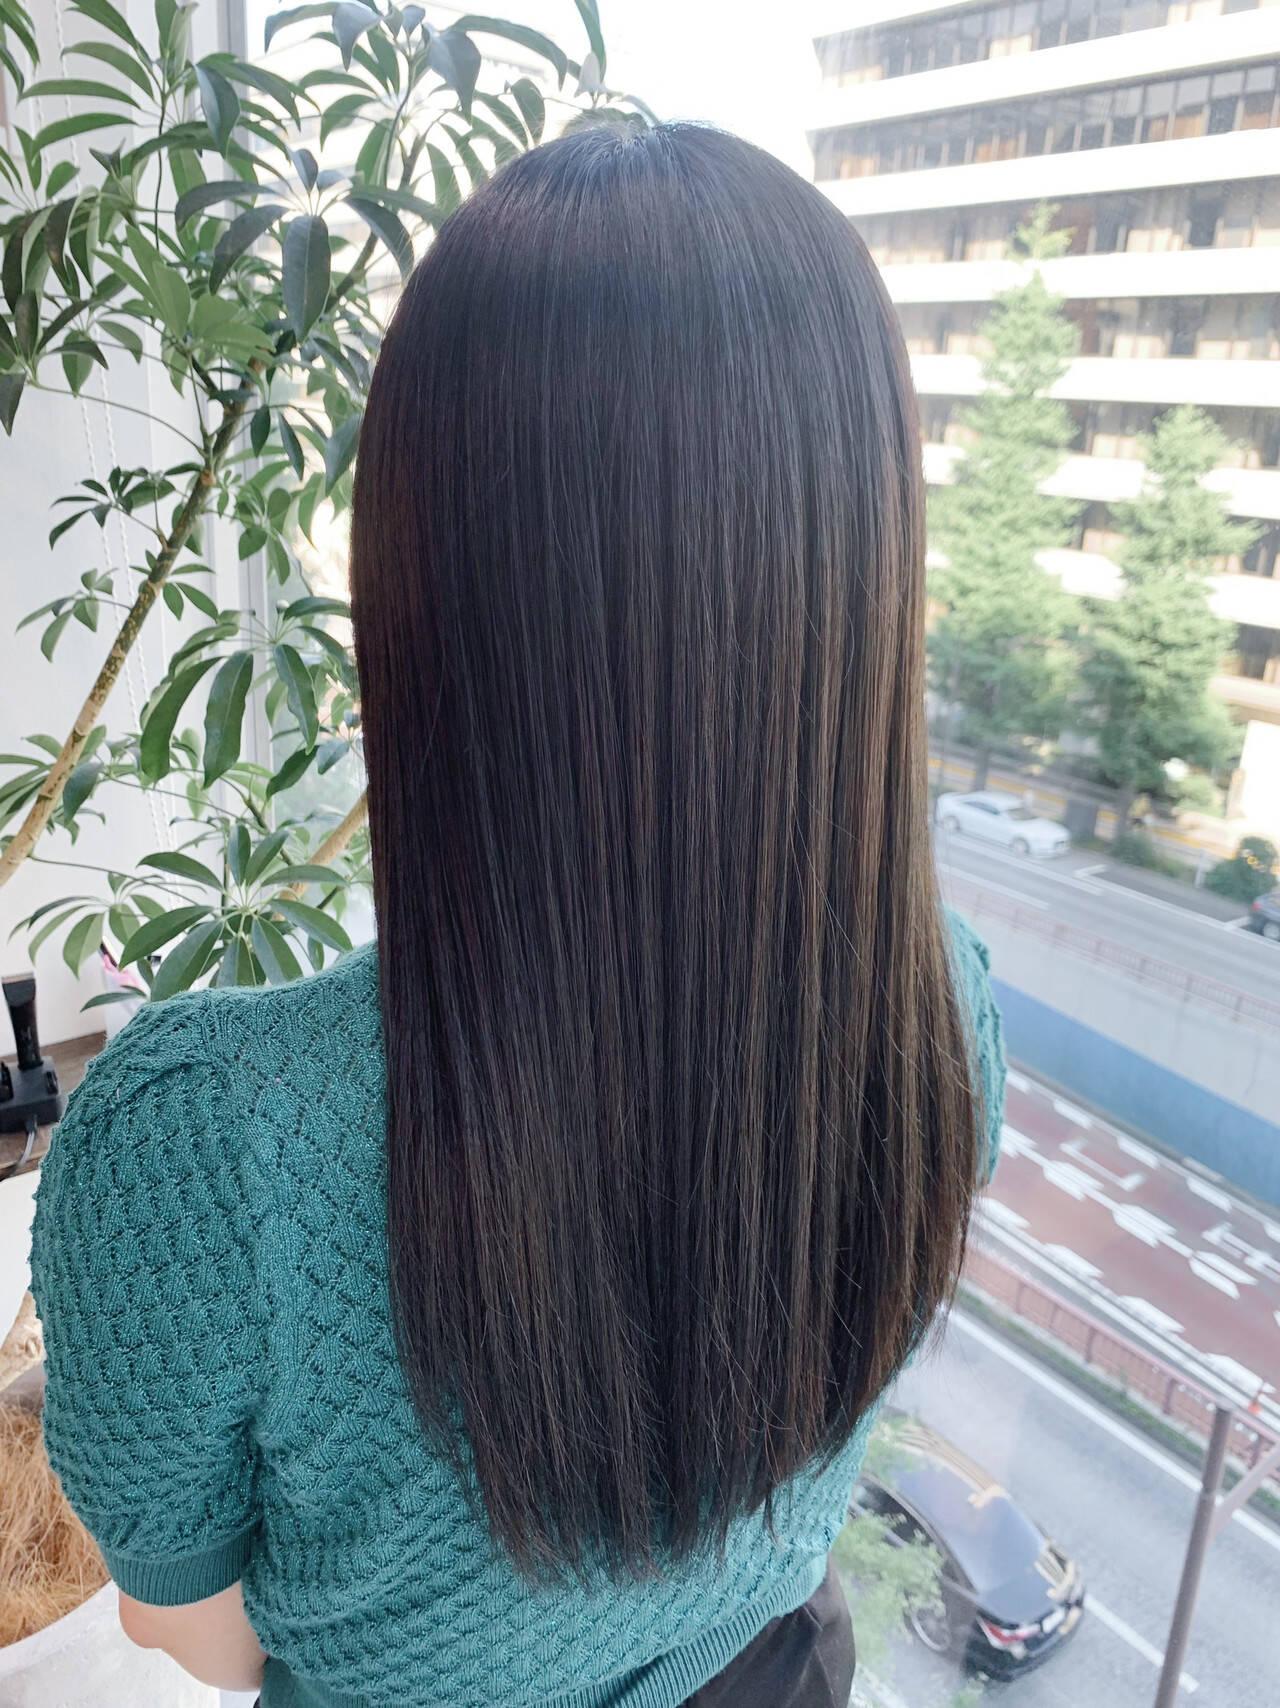 髪質改善 ロングヘア 大人かわいい 髪質改善トリートメントヘアスタイルや髪型の写真・画像